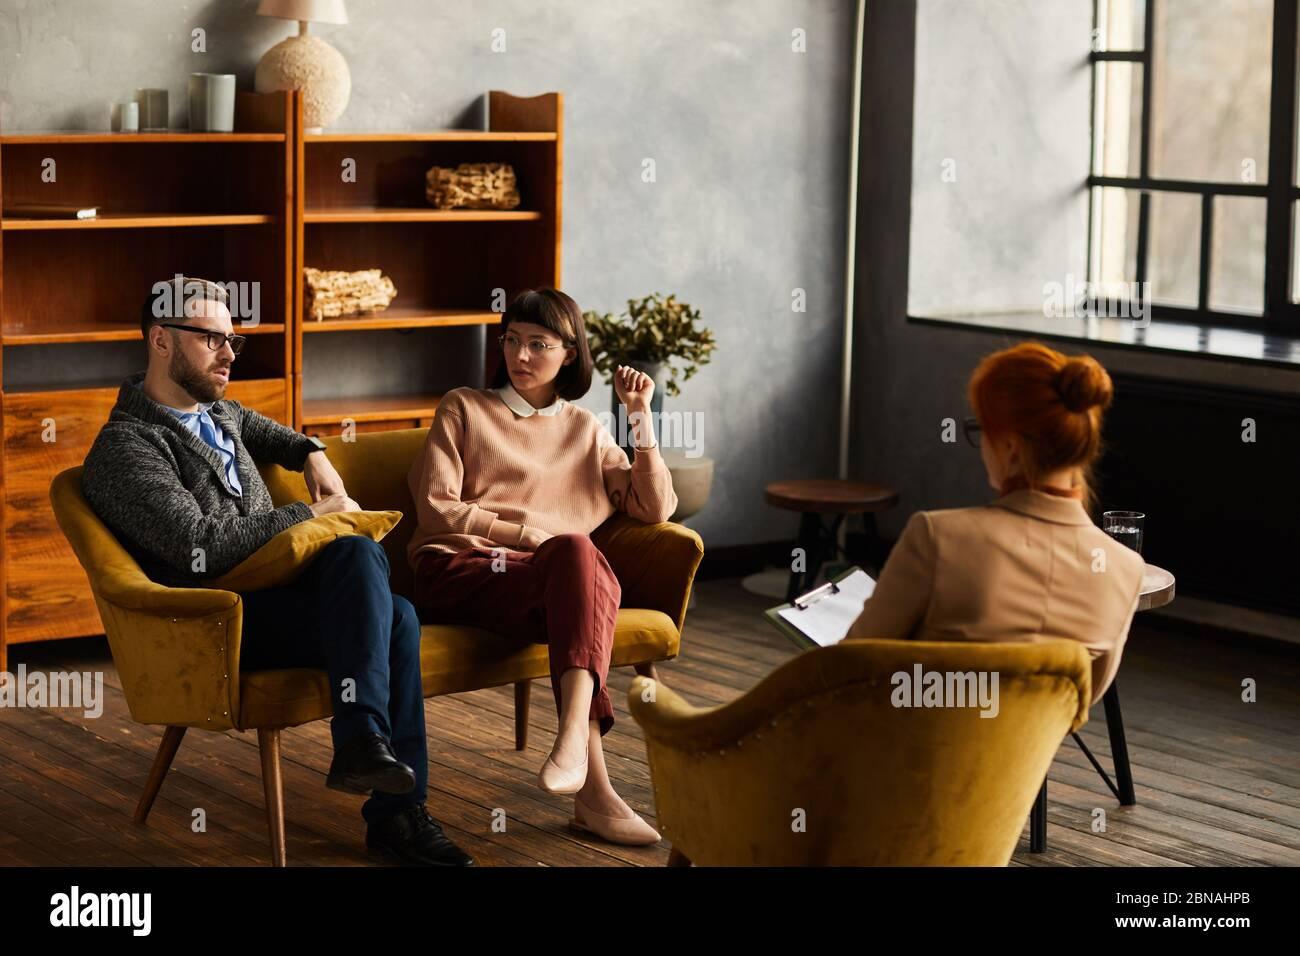 Gruppe von Geschäftsleuten, die auf Sesseln sitzen und zukünftige Pläne während einer Besprechung im Büro besprechen Stockfoto